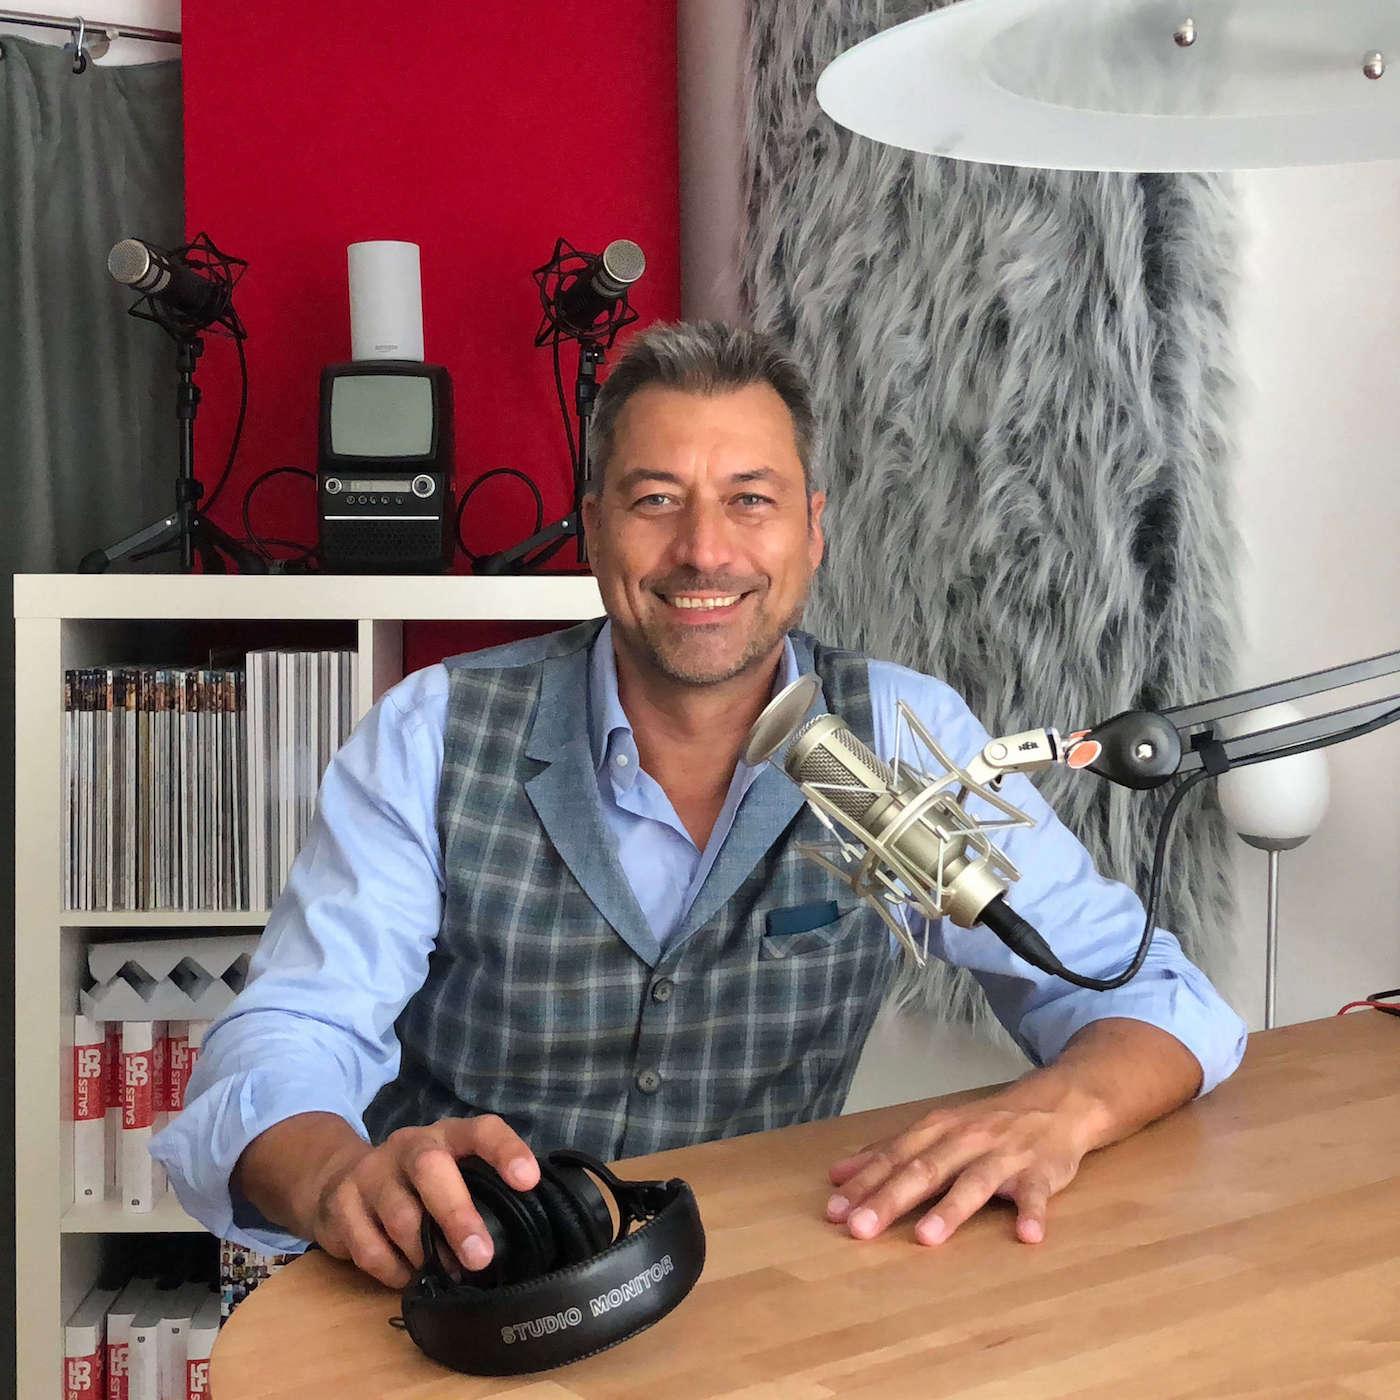 Blick 308 auf Alexa Beatboxing oder wie Du Dich auf Voice Search vorbereitest